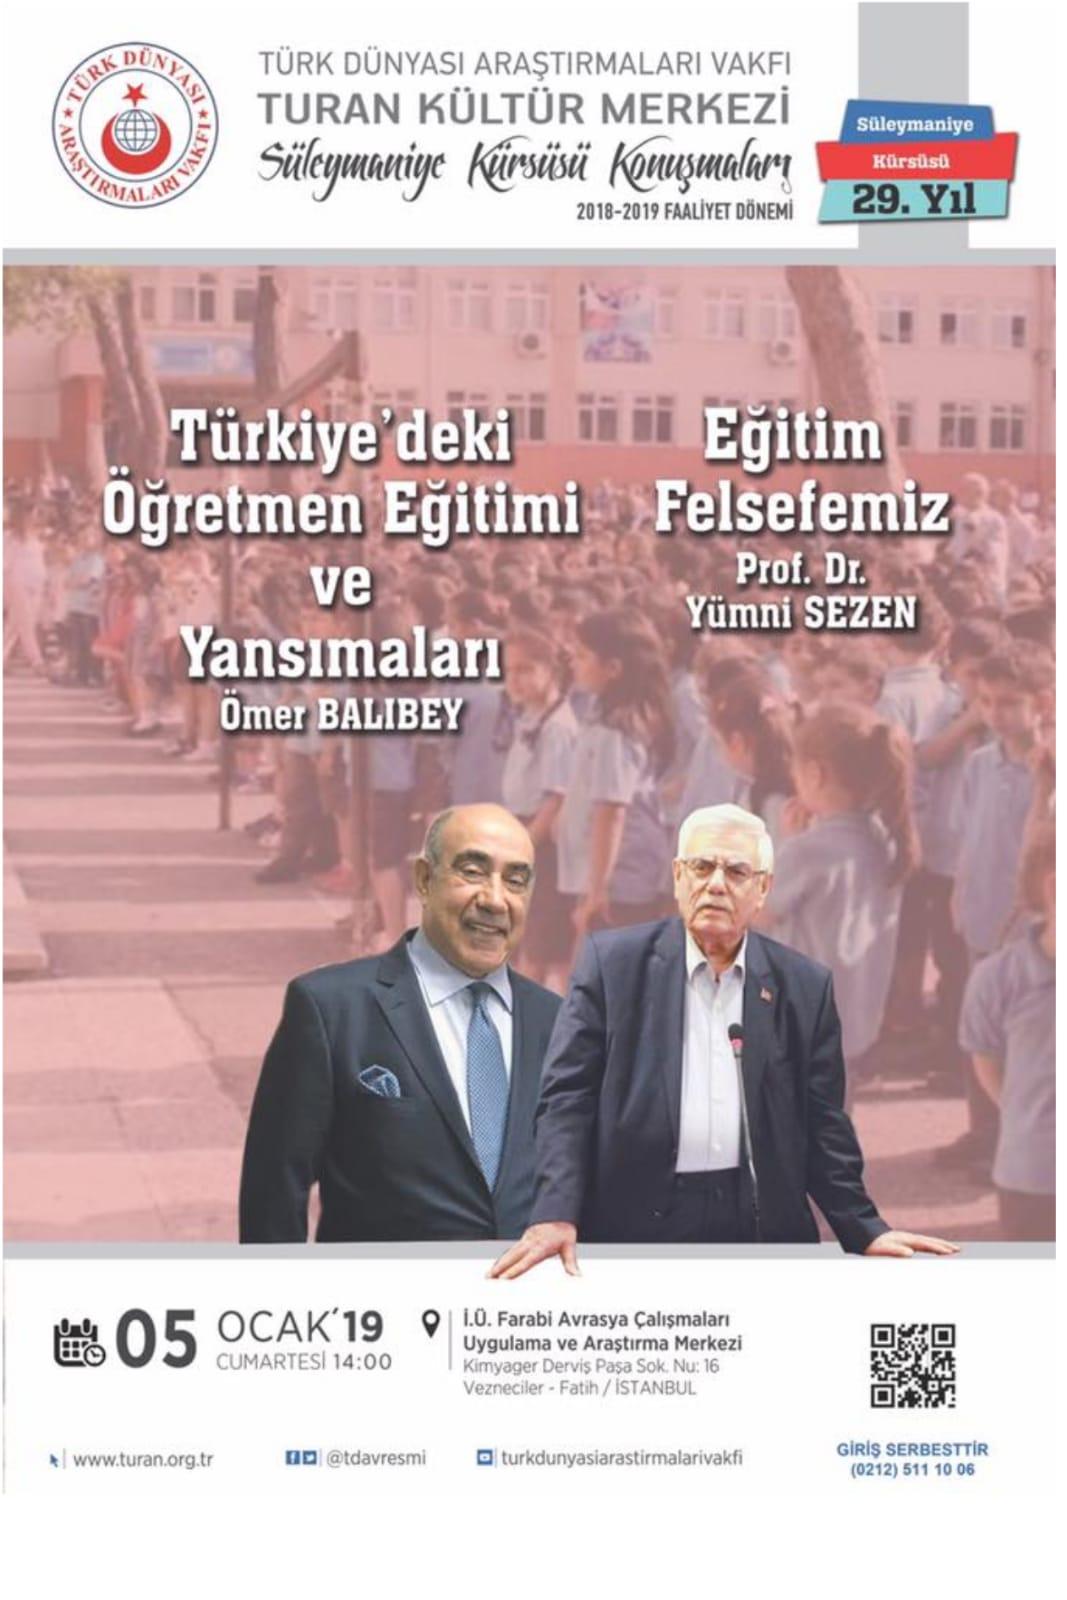 Eğitim Felsefemiz-Türkiye'deki Öğretmen Eğitimi ve Yansımaları